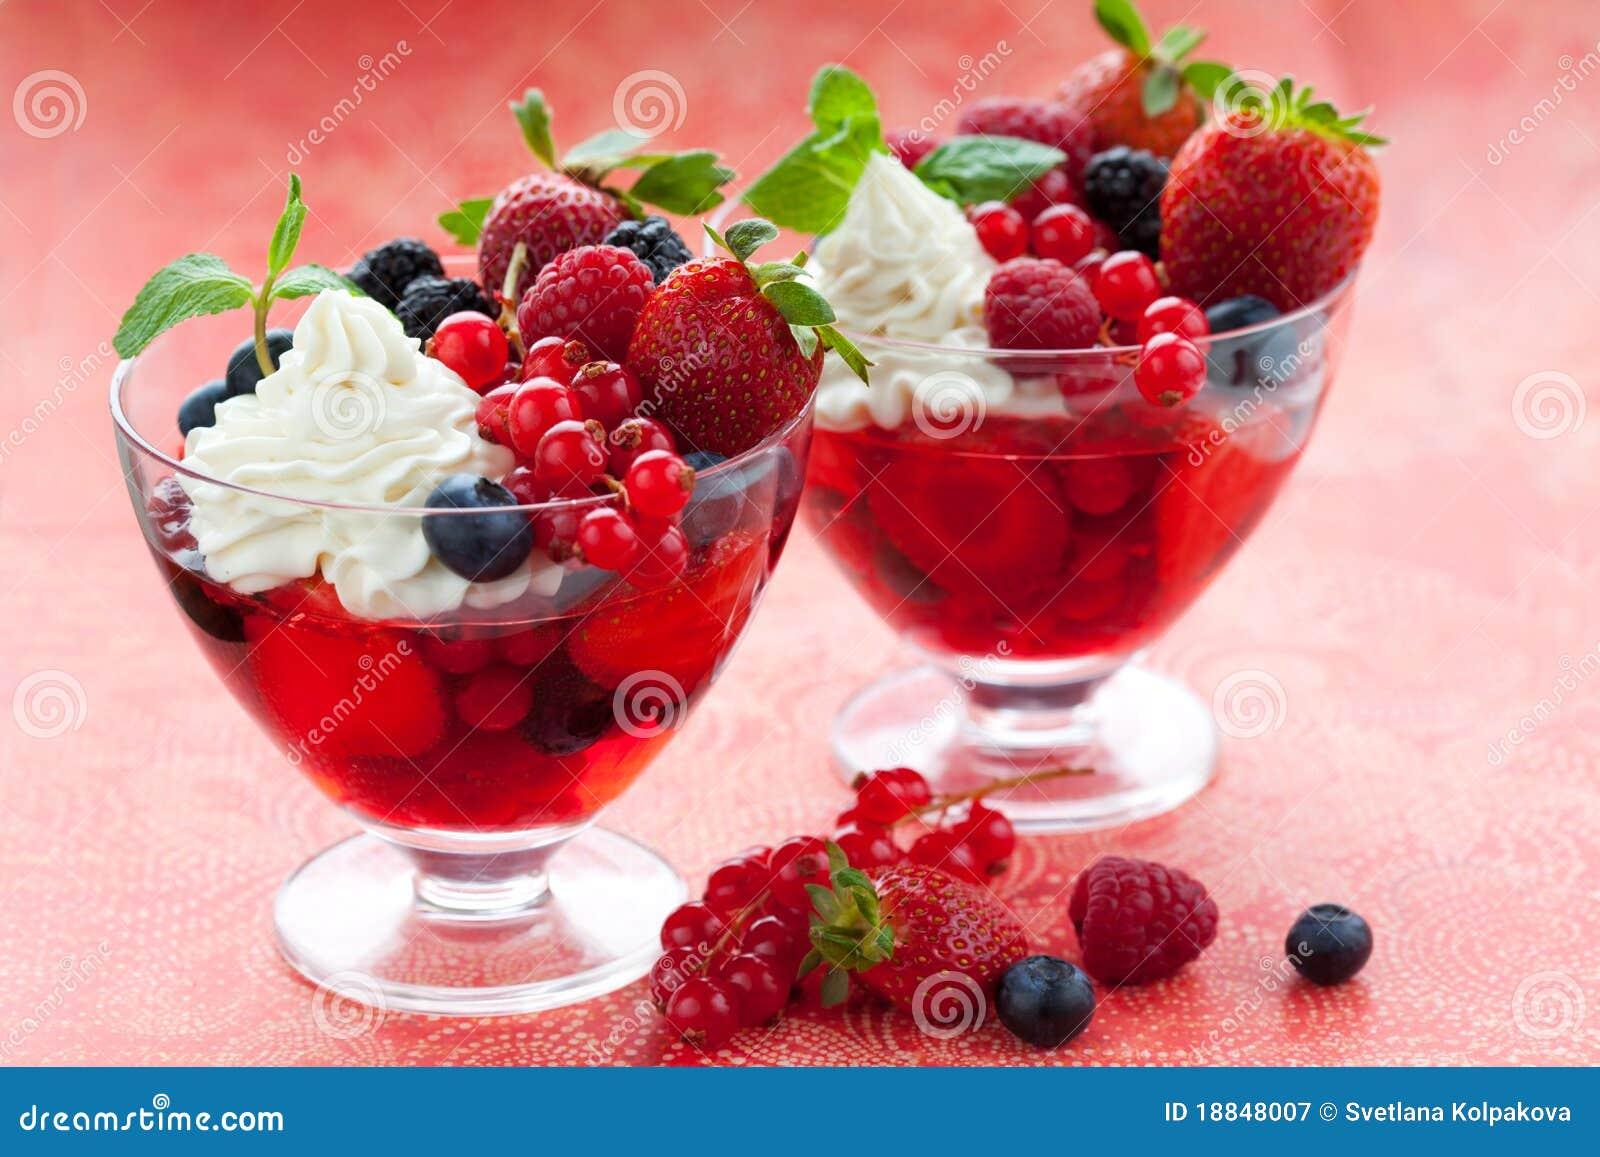 dessert de fruit photographie stock libre de droits image 18848007